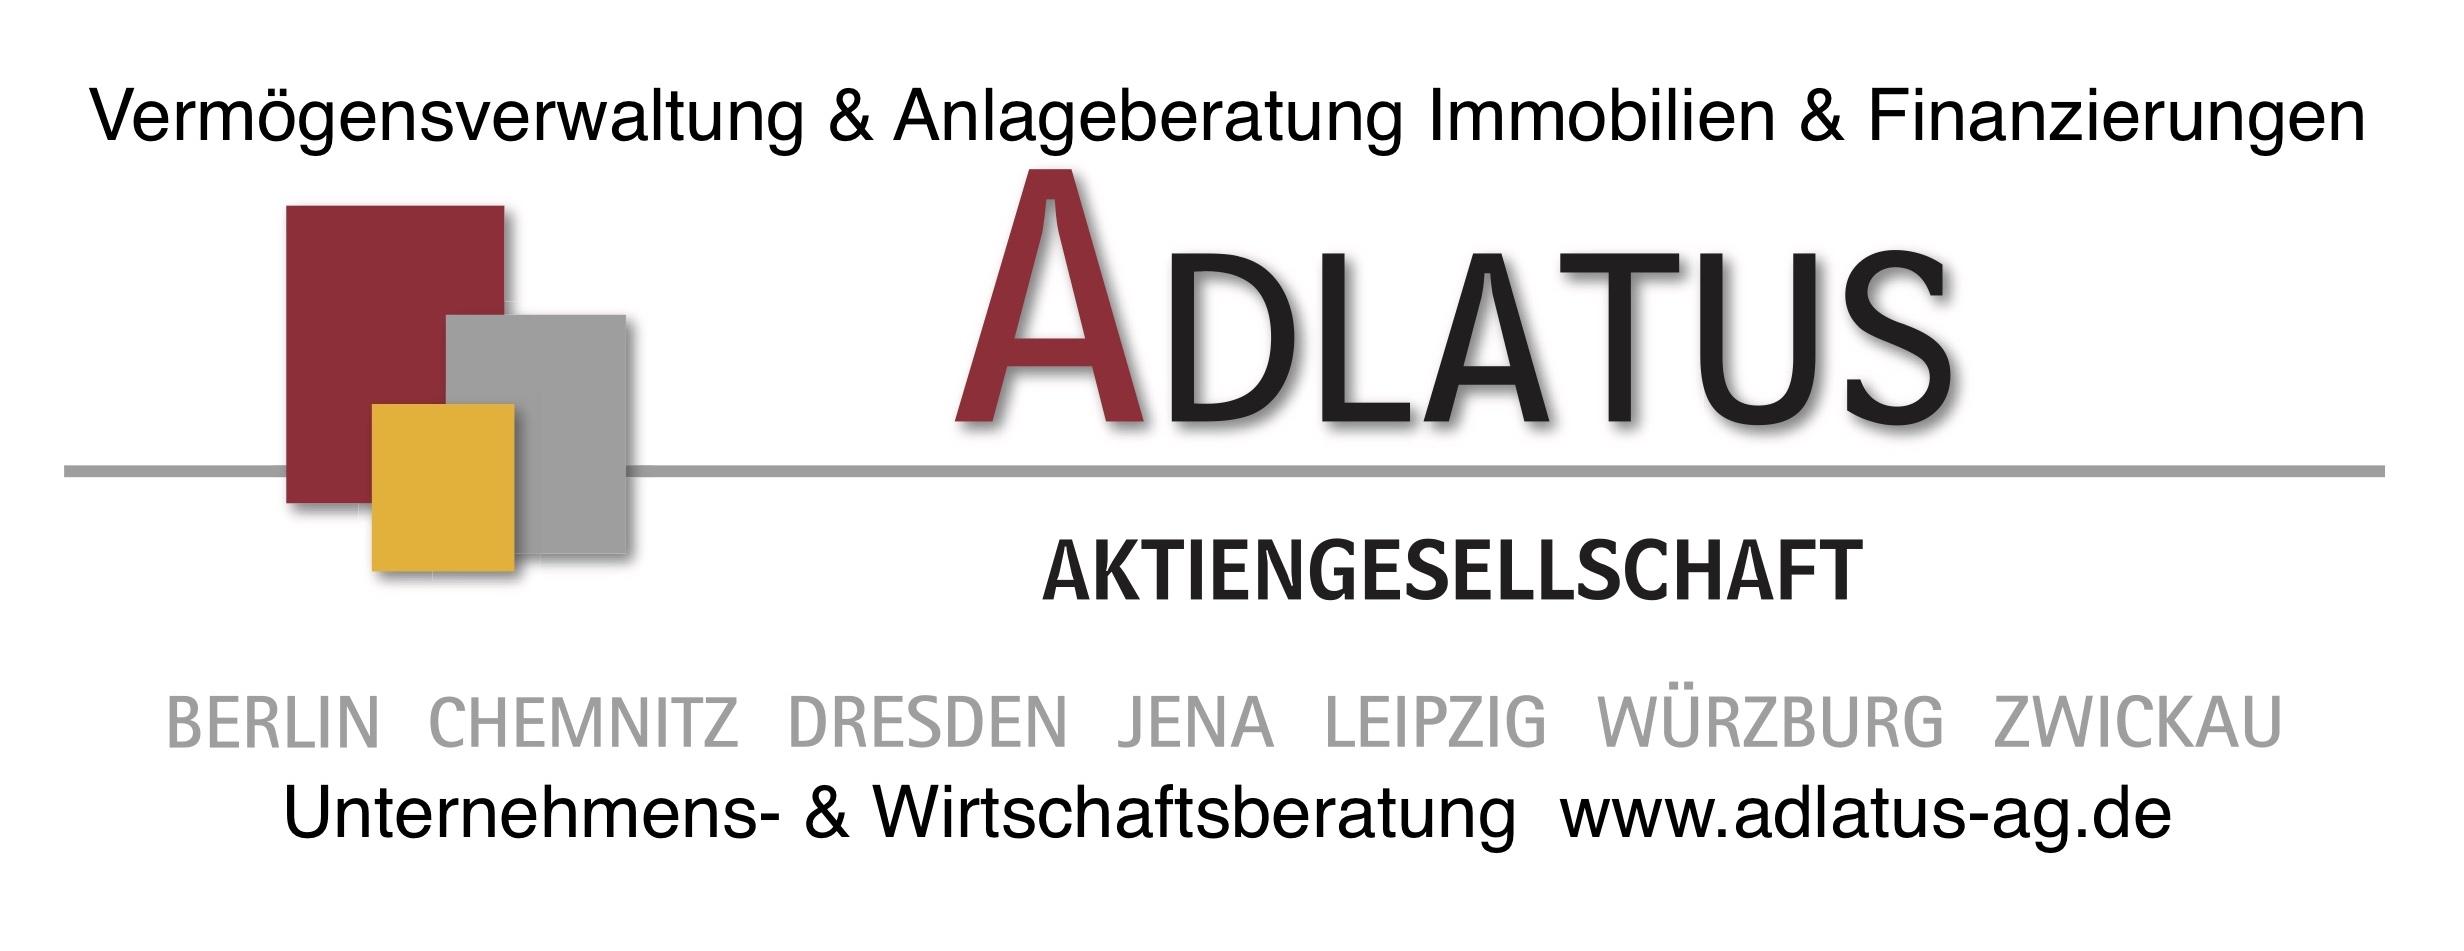 Adlatus